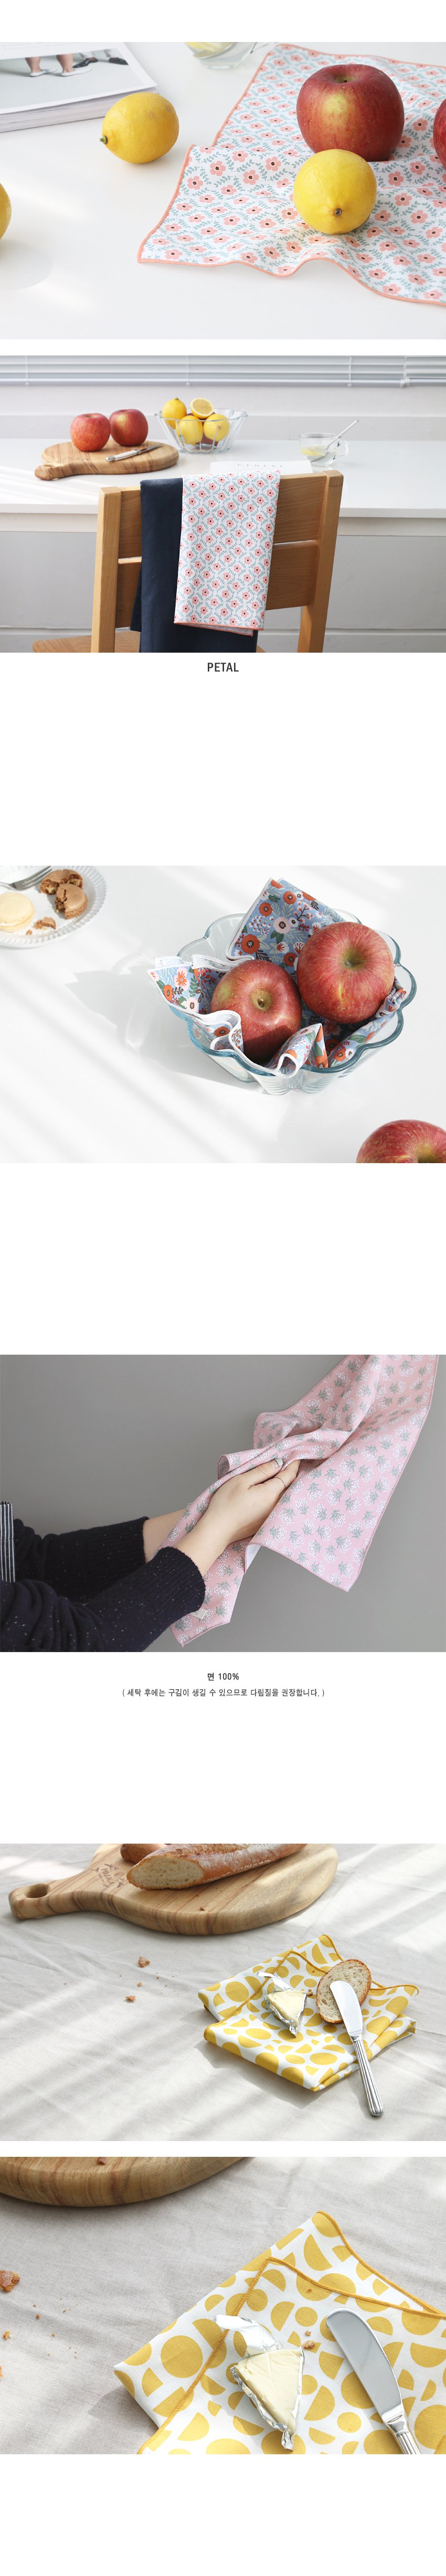 아이코닉 코멜리 행키6,800원-아이코닉패션잡화, 모자/머플러/장갑, 머플러/스카프, 손수건바보사랑아이코닉 코멜리 행키6,800원-아이코닉패션잡화, 모자/머플러/장갑, 머플러/스카프, 손수건바보사랑